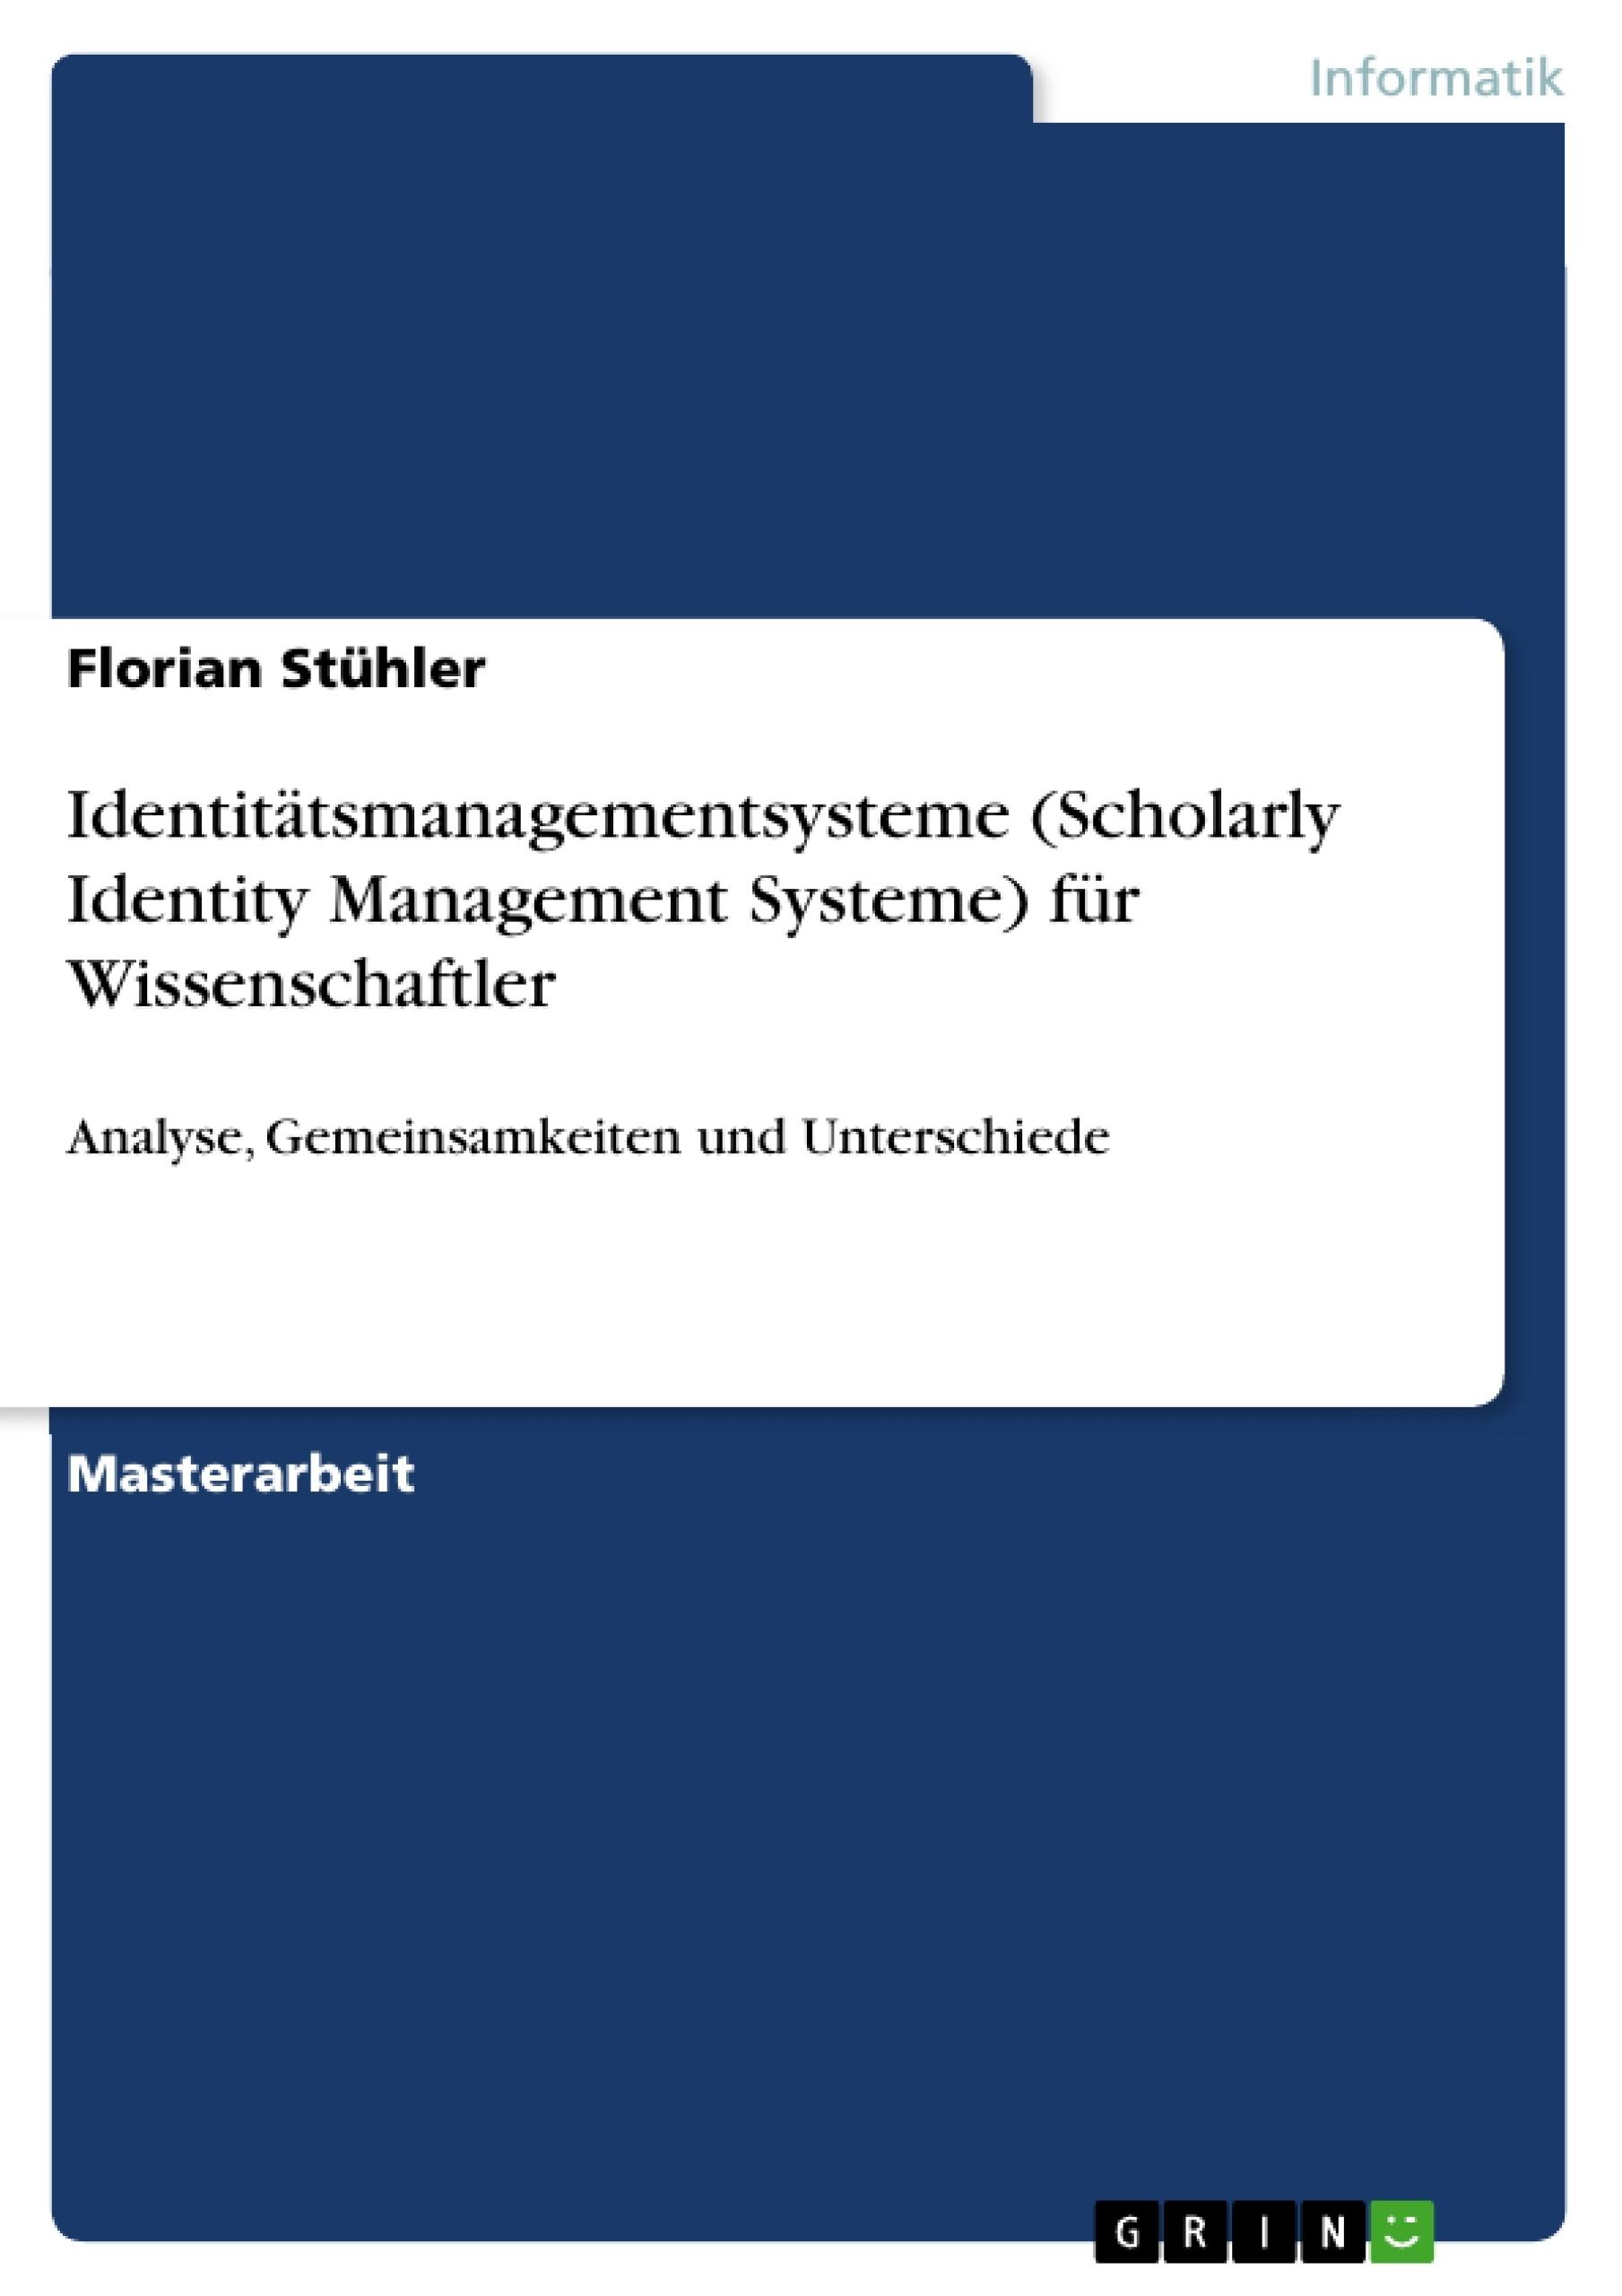 Titel: Identitätsmanagementsysteme (Scholarly Identity Management Systeme) für Wissenschaftler